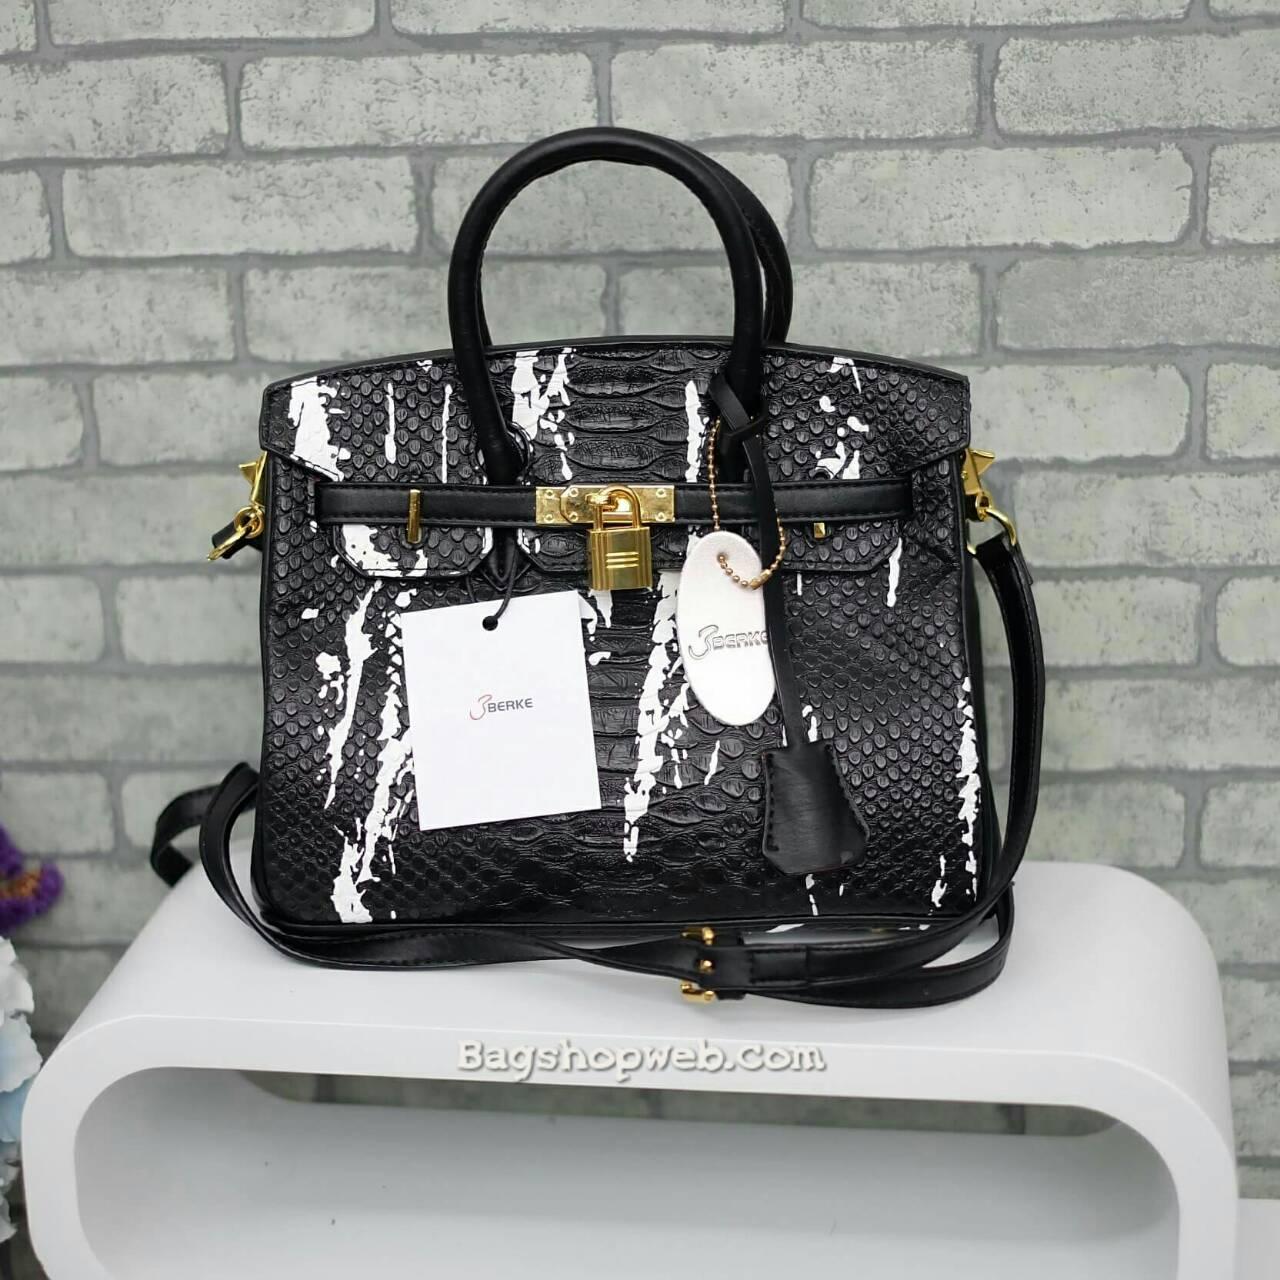 กระเป๋าทรงสุดฮิต จากแบรนด์ Berke ตัวกระเป๋าหนัง Pu ดูแลรักษาง่าย ลายหนังสวยหรูมากๆคะ น้ำหนักเบา ตัวกระเป๋า ปรับได้ 2 ทรง ทรงรัดสายคาด กับ ถอดออกได้ ภายในบุด้วยหนัง PU เนื้อเรียบสีชมพู มีช่องใส่ของจุกจิกได้ #ใบนี้สวยหรูมาก New arrival!